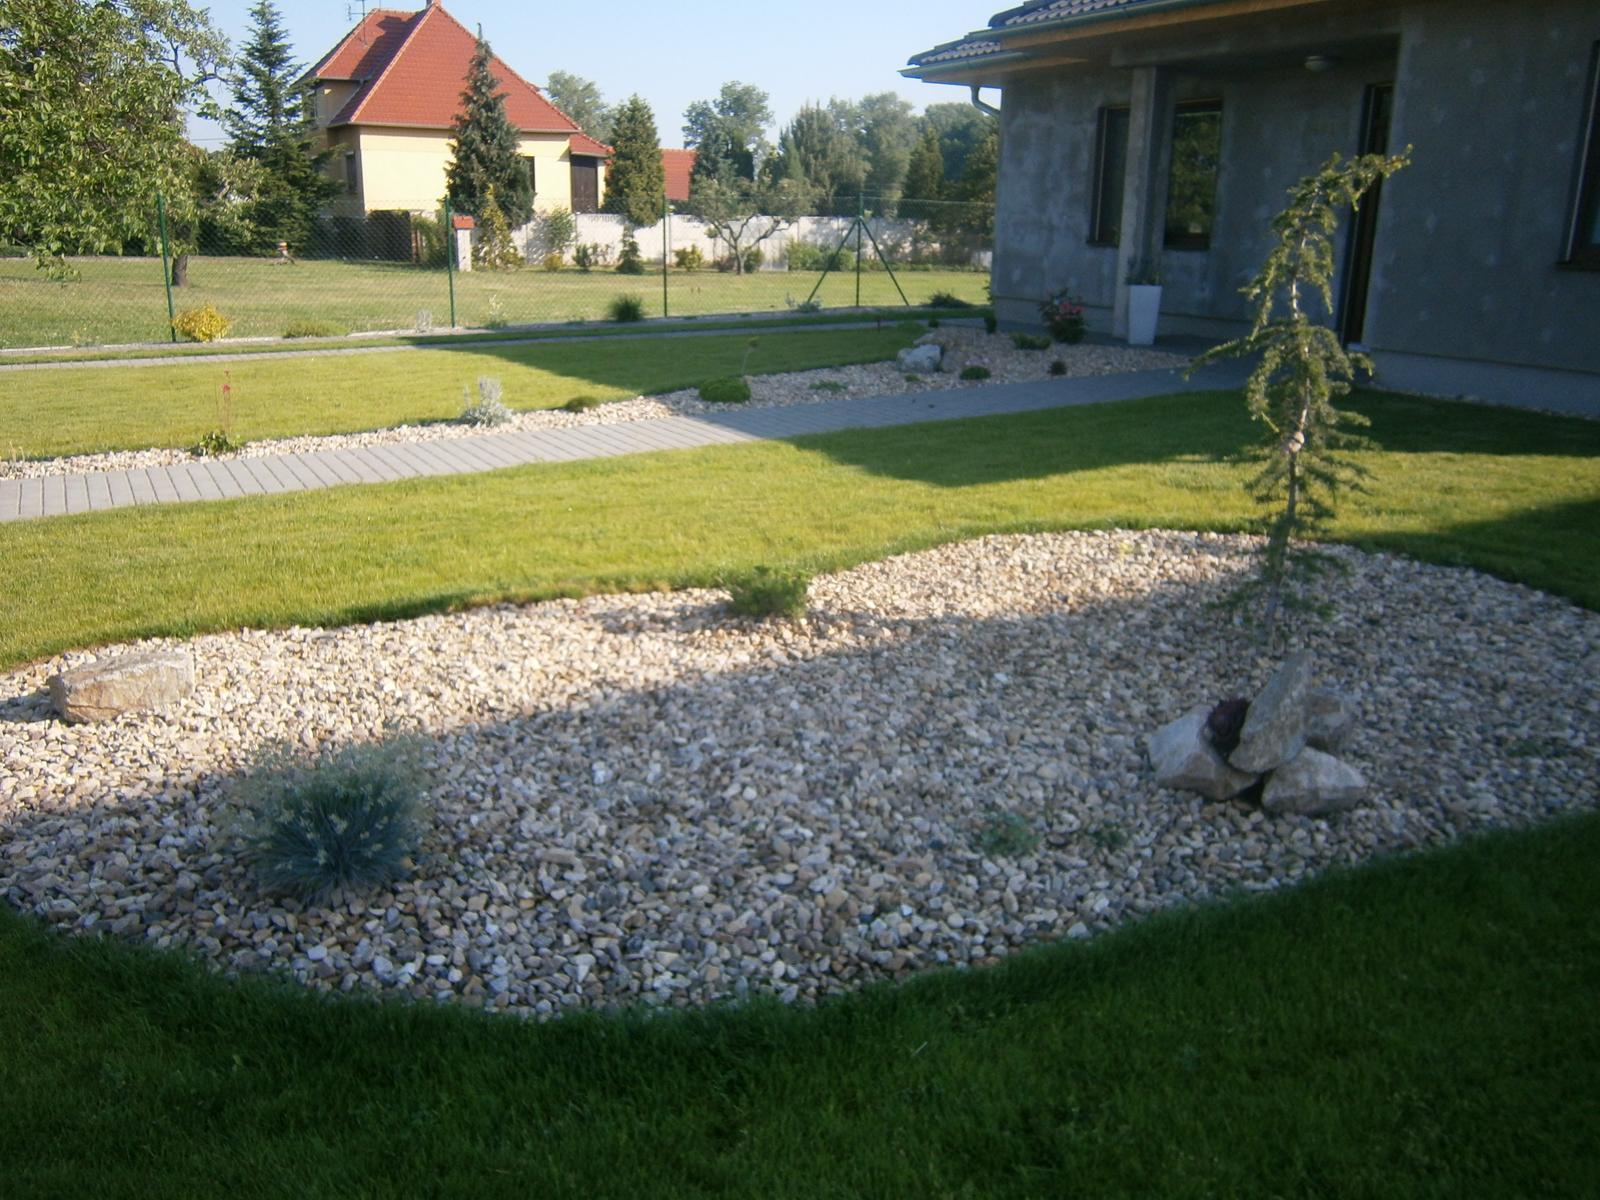 Zahrada a předzahrádka - před domem